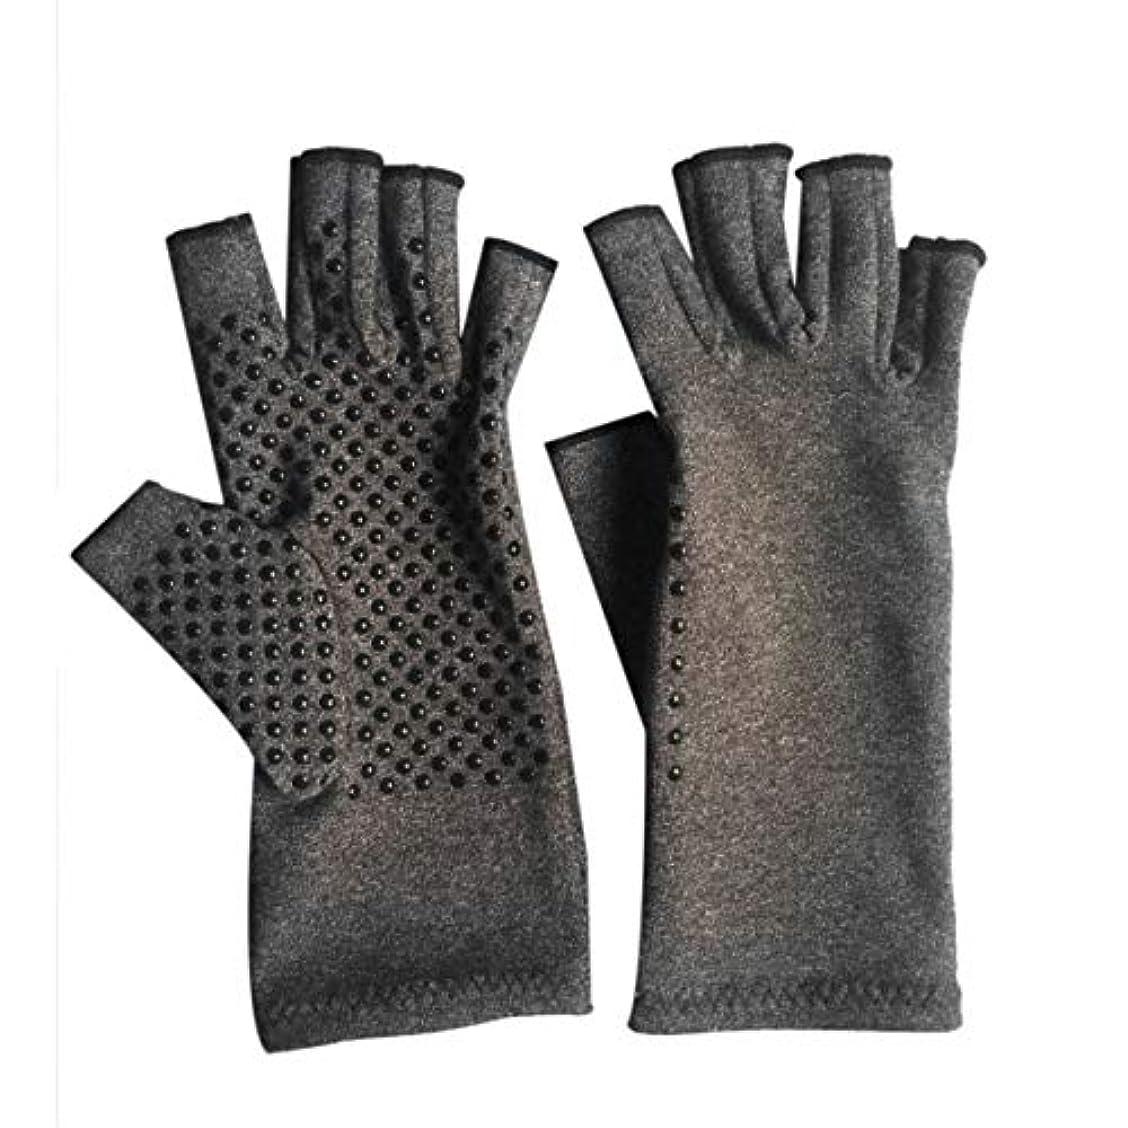 転倒役員馬力1ペアユニセックス男性女性療法圧縮手袋関節炎関節痛緩和ヘルスケア半指手袋トレーニング手袋 - グレーM